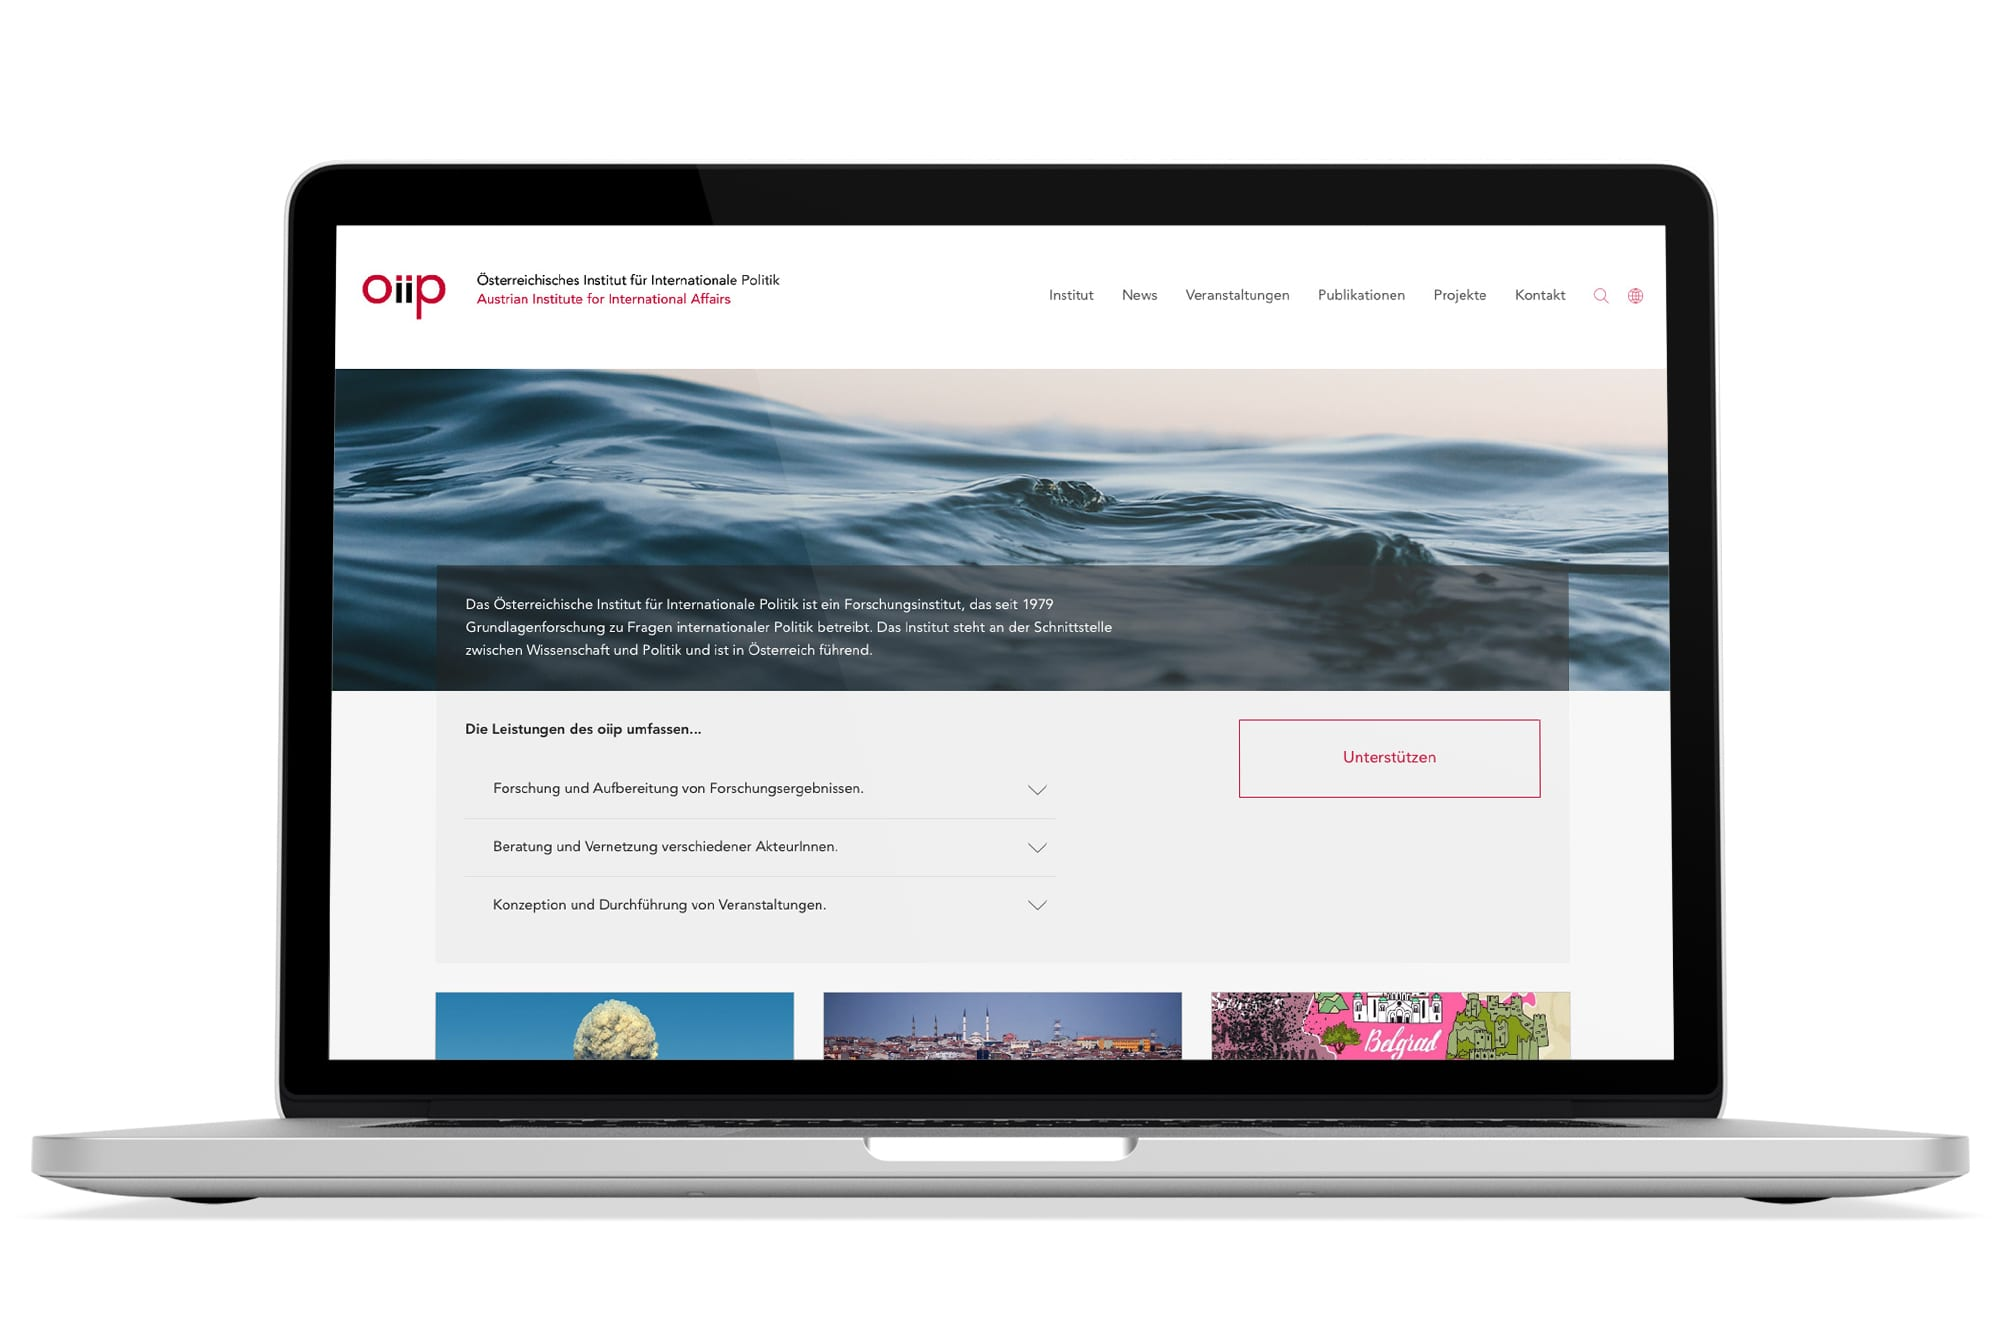 Webdesign Beispiel: Logodesign, Responsive Webdesign, WordPress für Institut / Verein